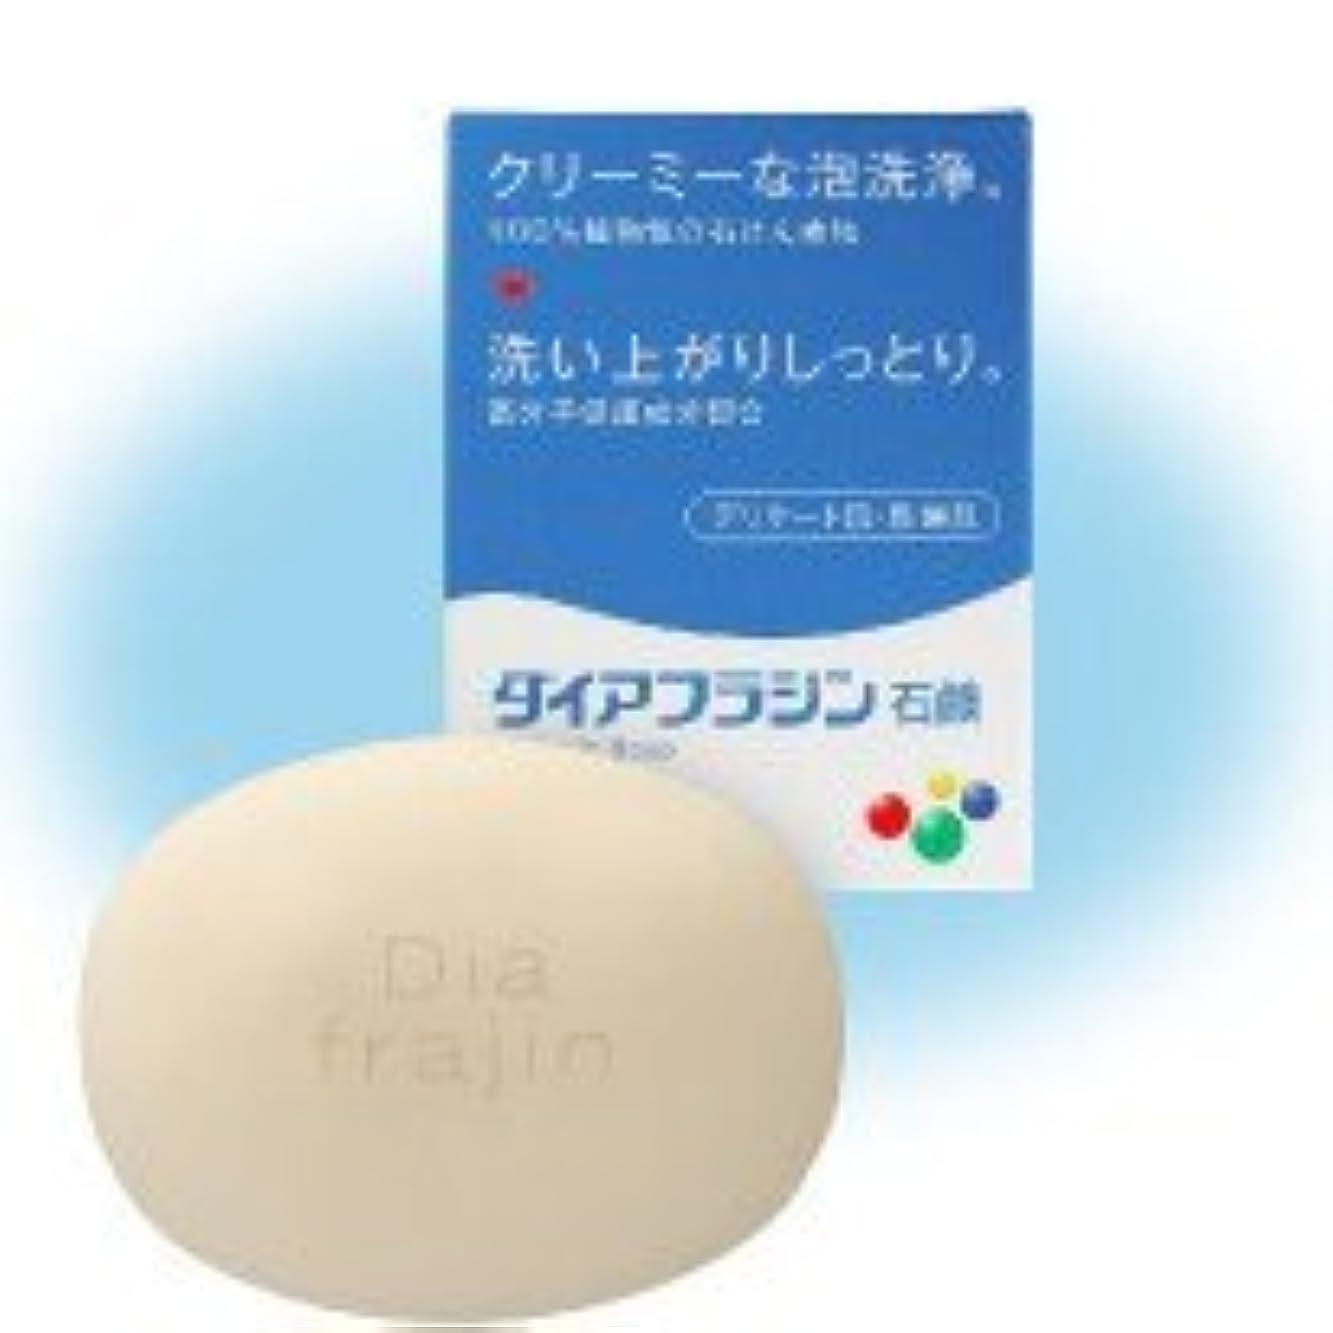 パーセントクリップボーカルダイアフラジン石鹸 75g×(4セット)